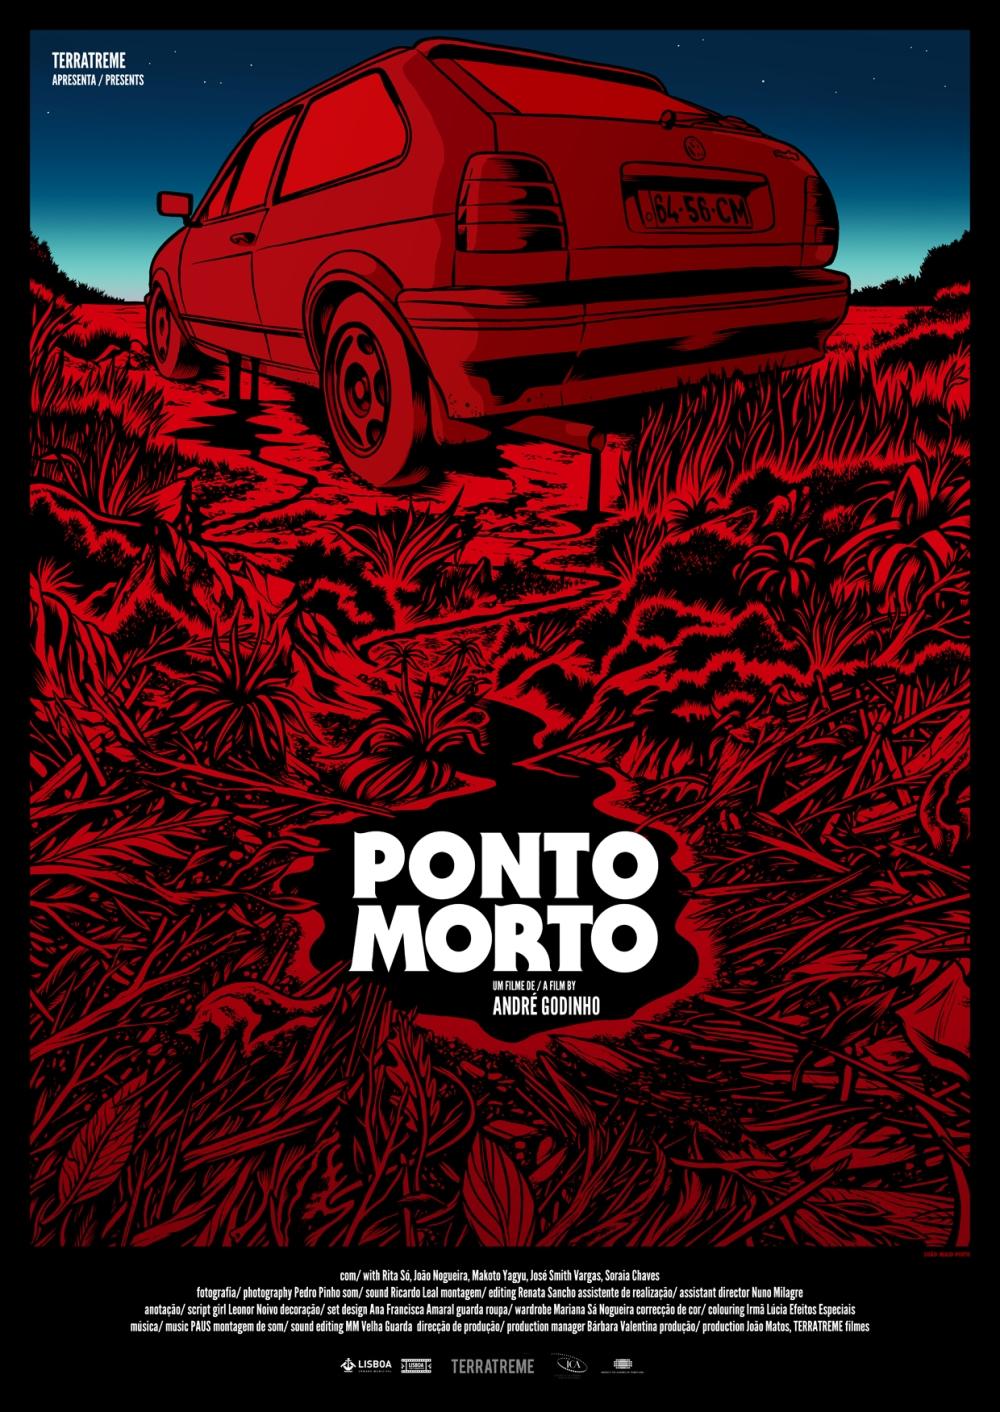 Ponto Morto Andre Godinho poster